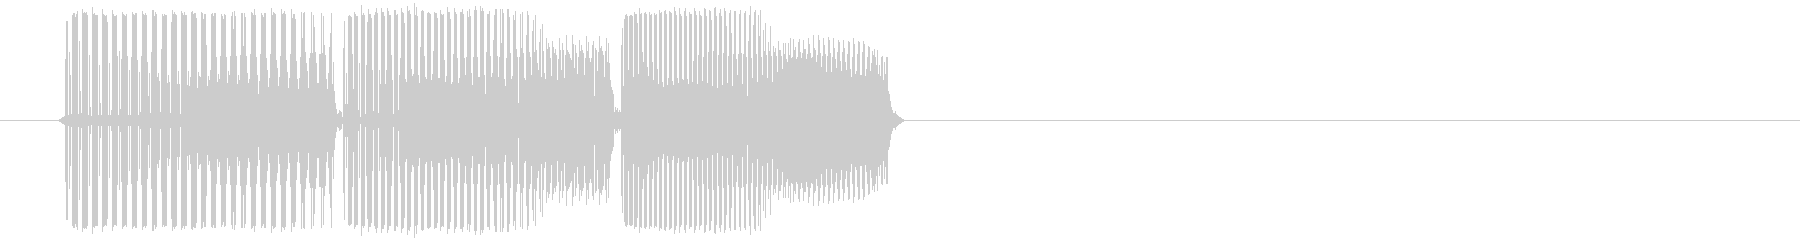 aの未再生の波形